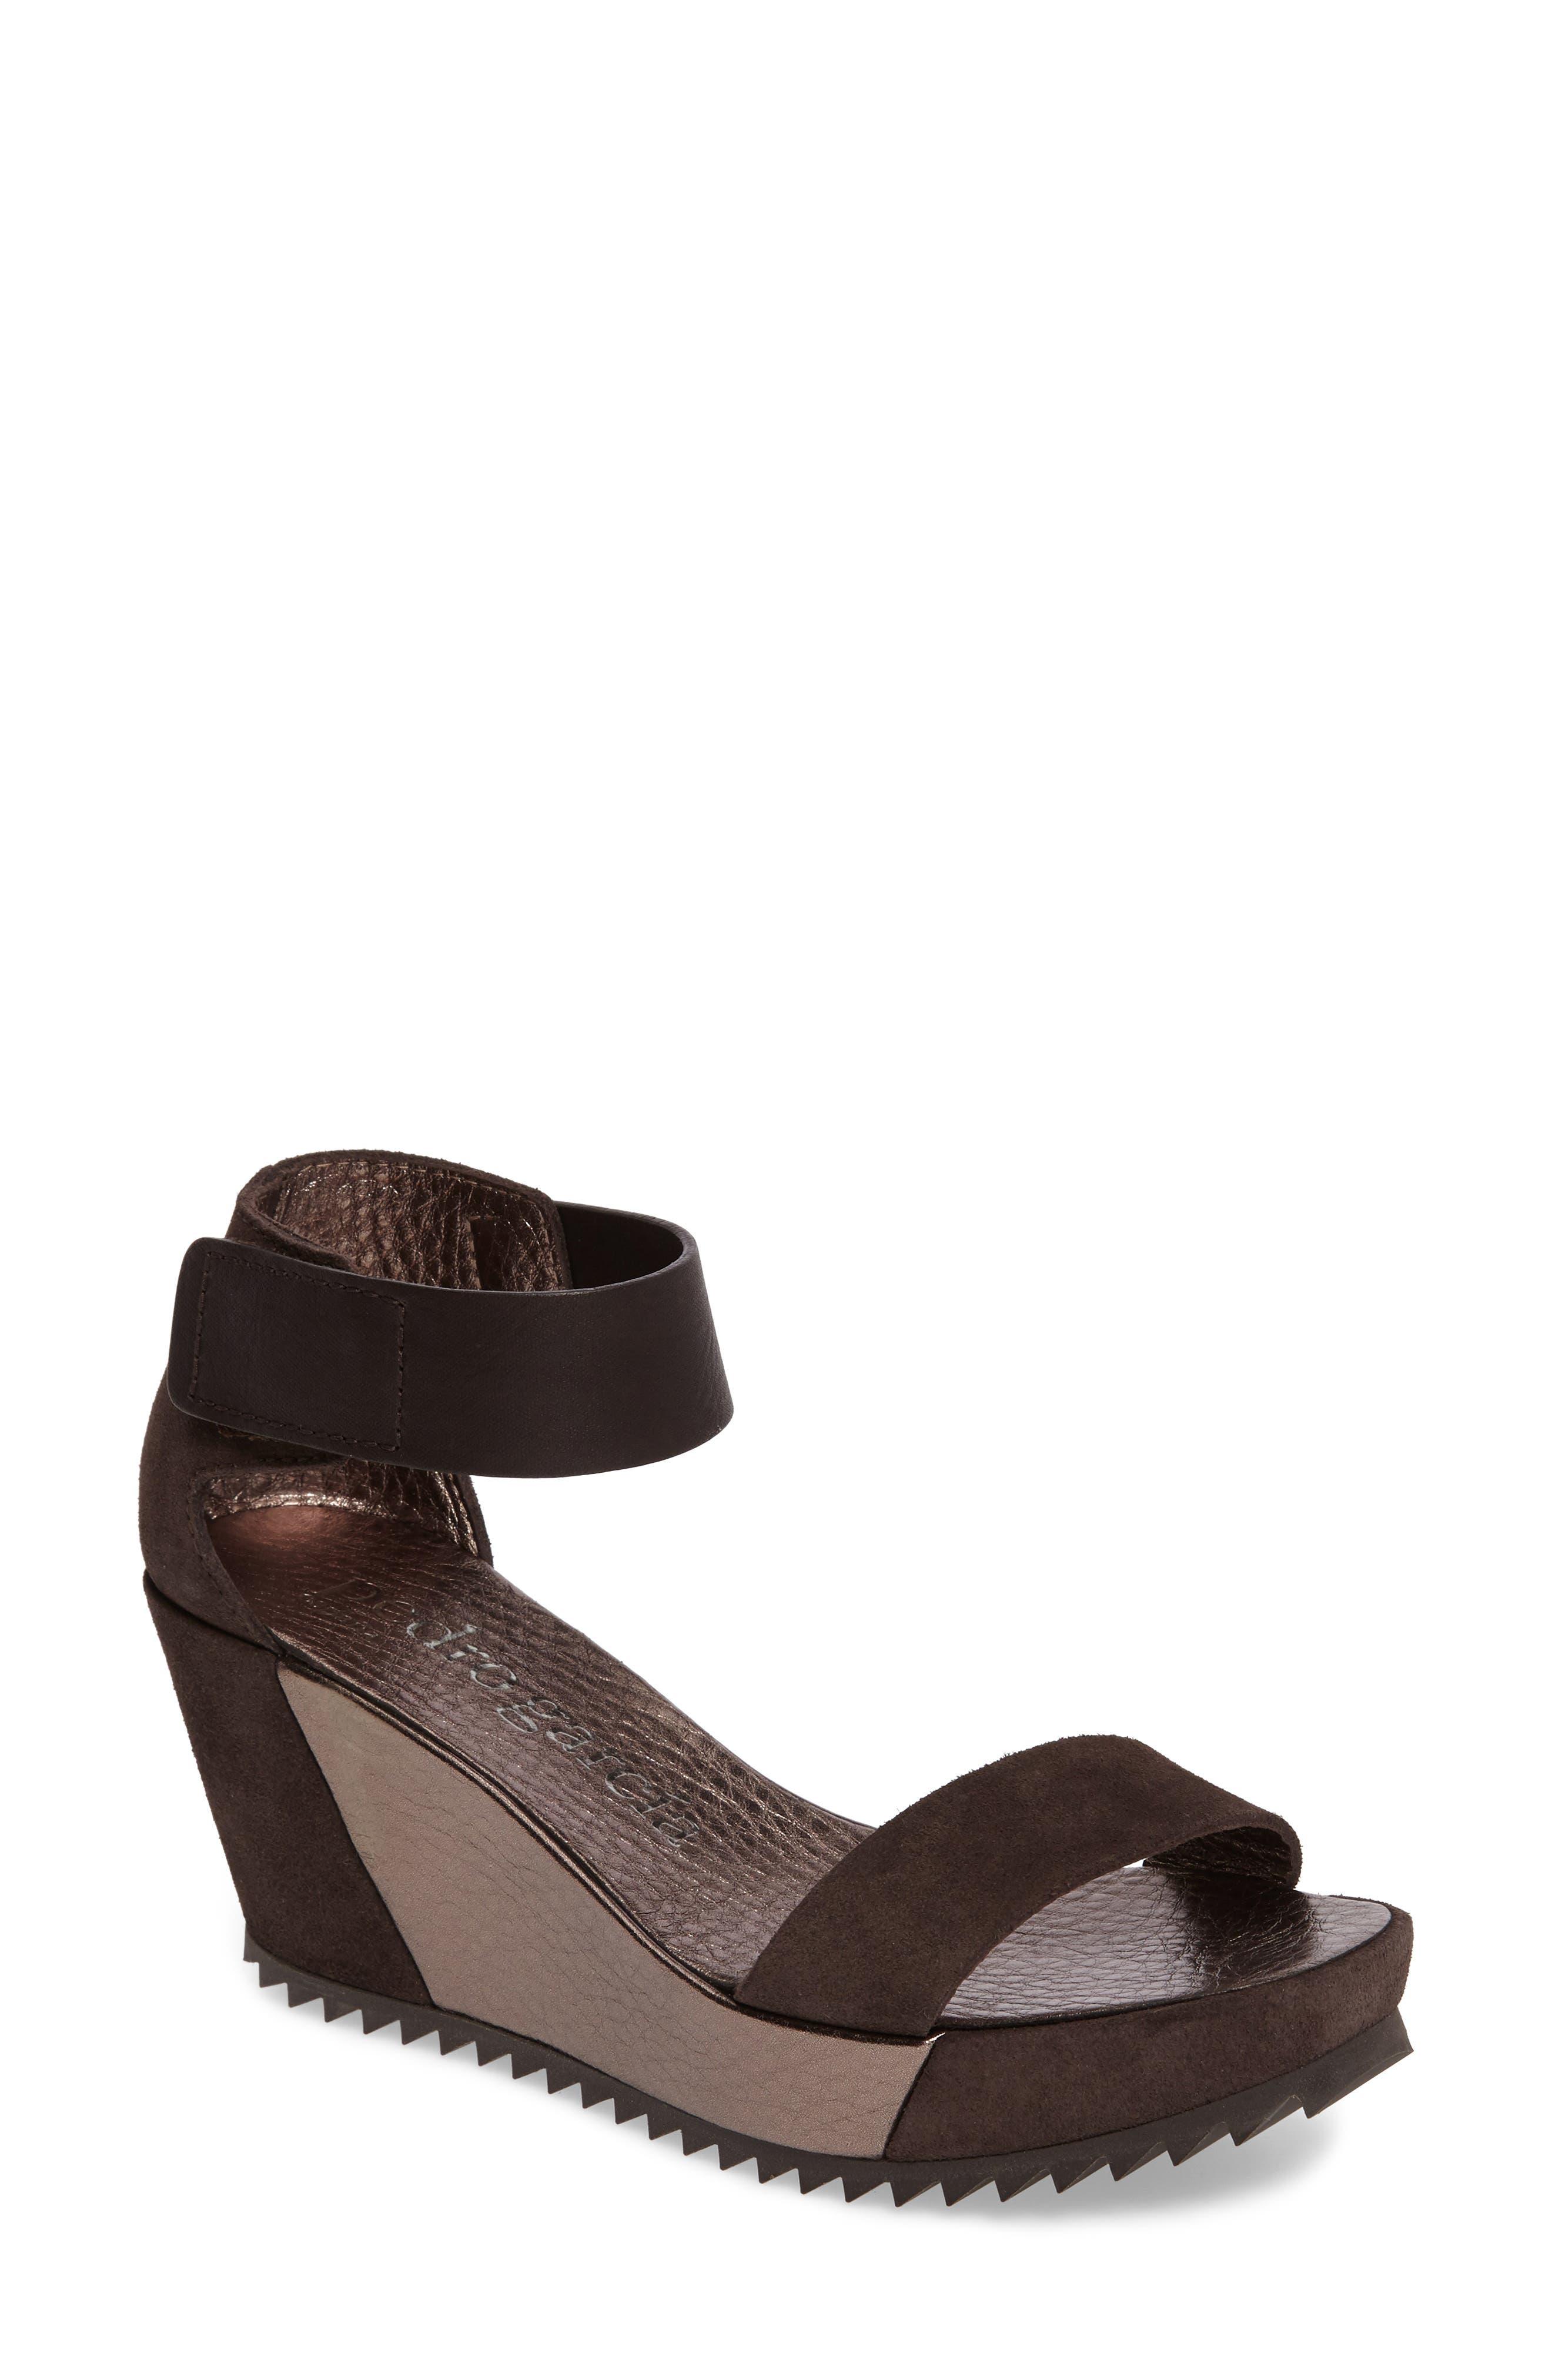 Fidelia Wedge Sandal,                             Main thumbnail 2, color,